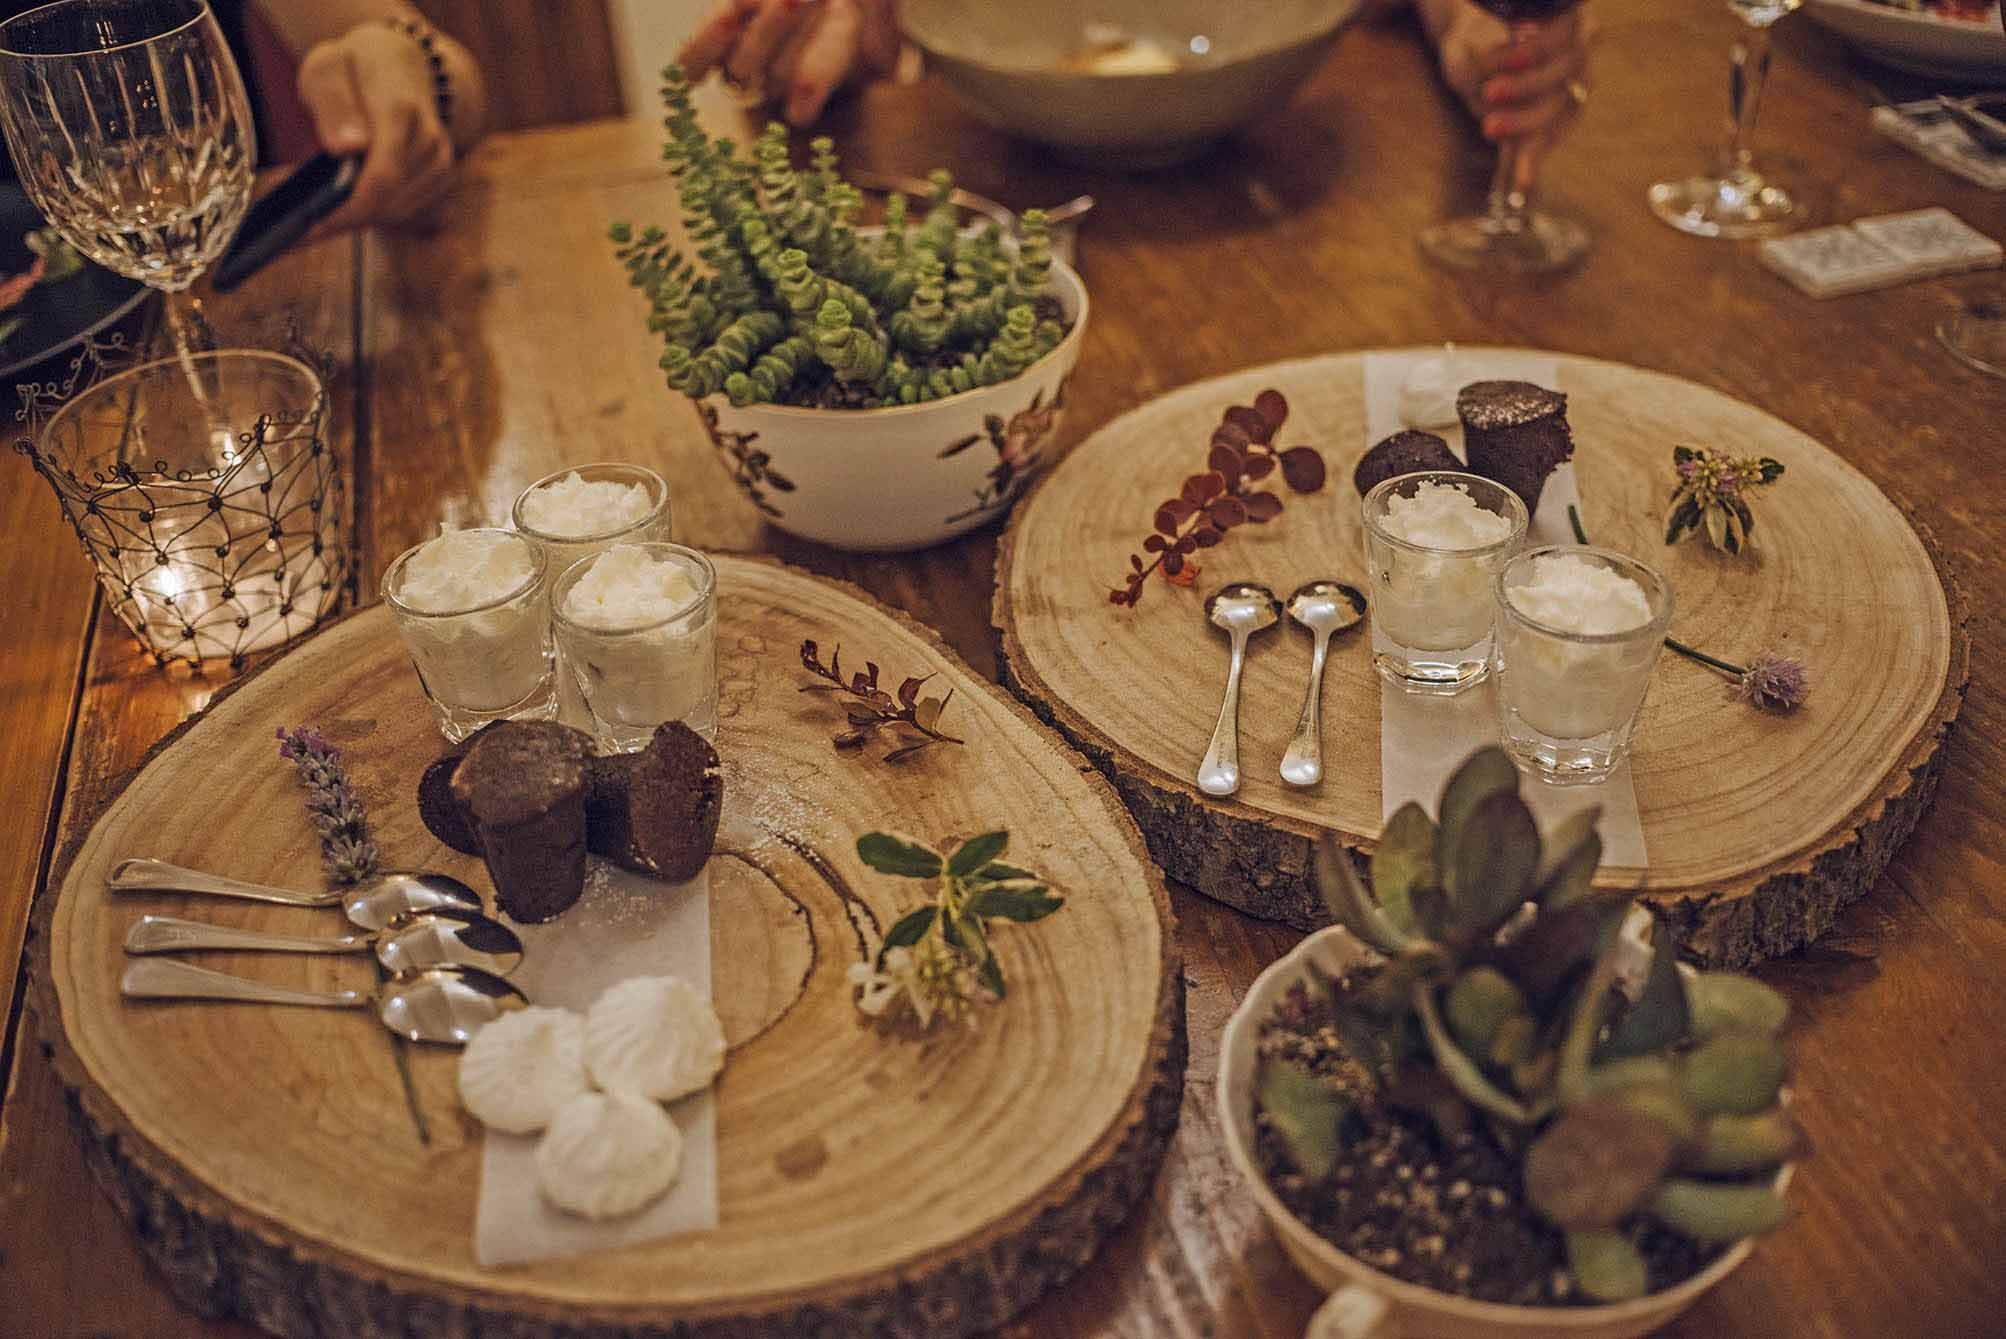 aromi orto e cucina girasoli